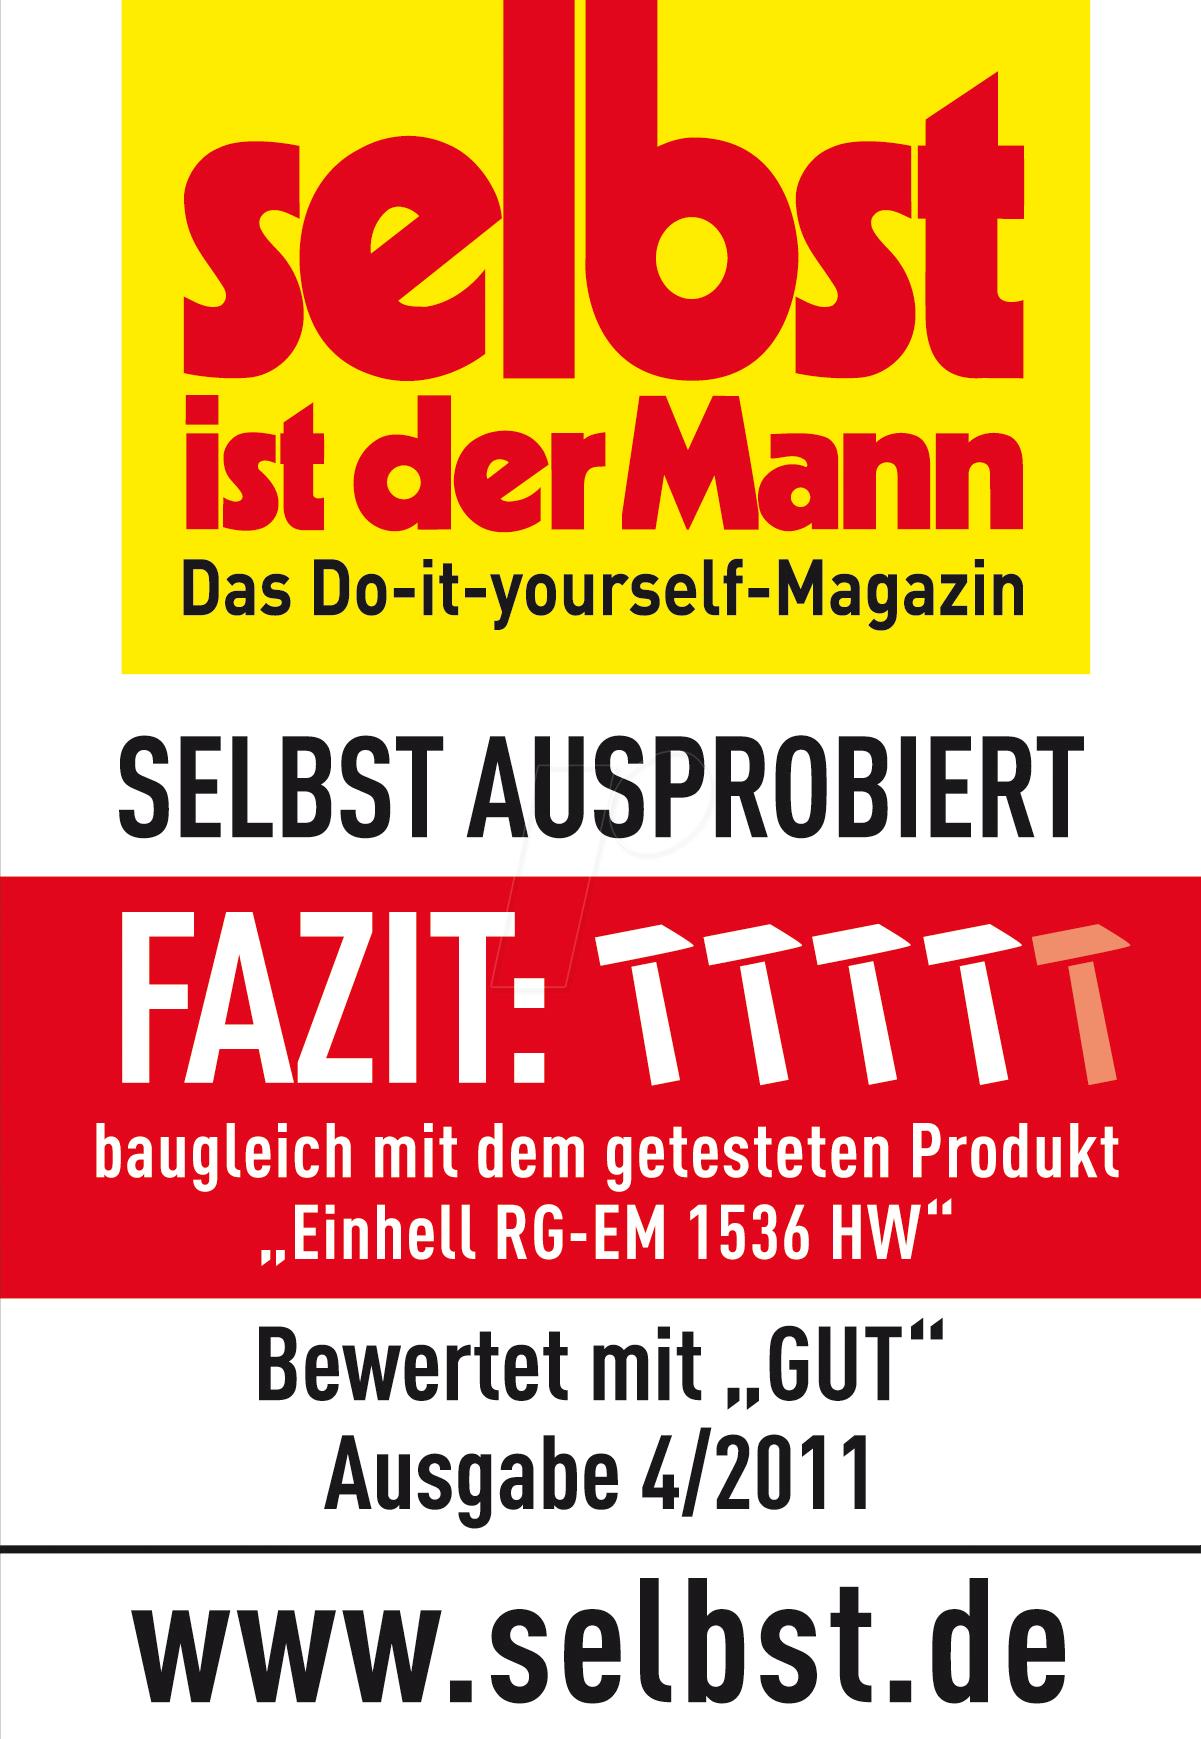 https://cdn-reichelt.de/bilder/web/xxl_ws/D300/3400294_11035_002_TESTLOGO.png